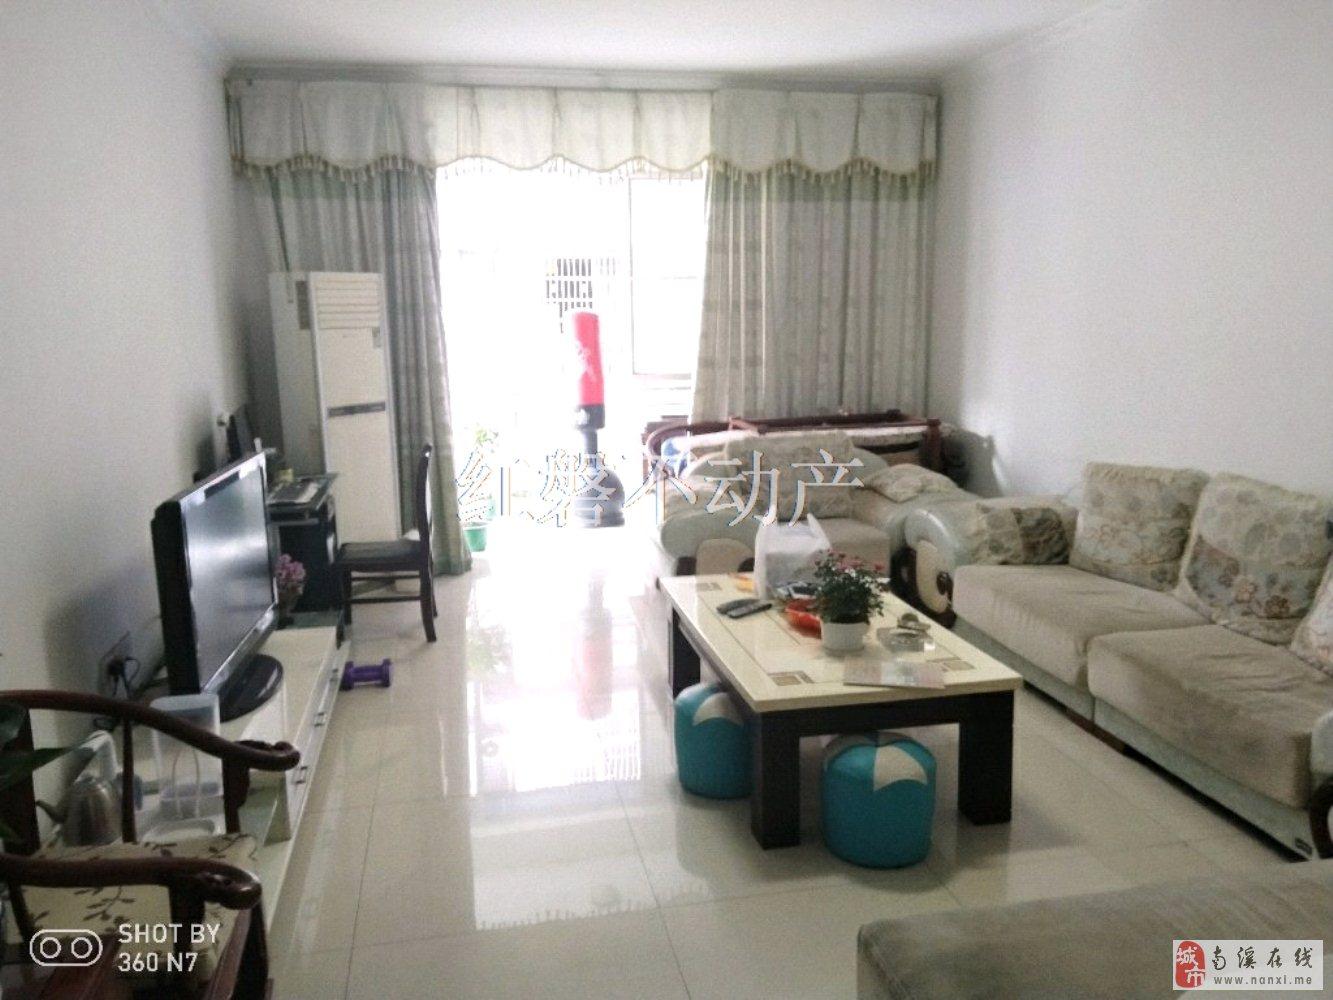 馨海公寓(興盛街39號)3室2廳2衛53.8萬元